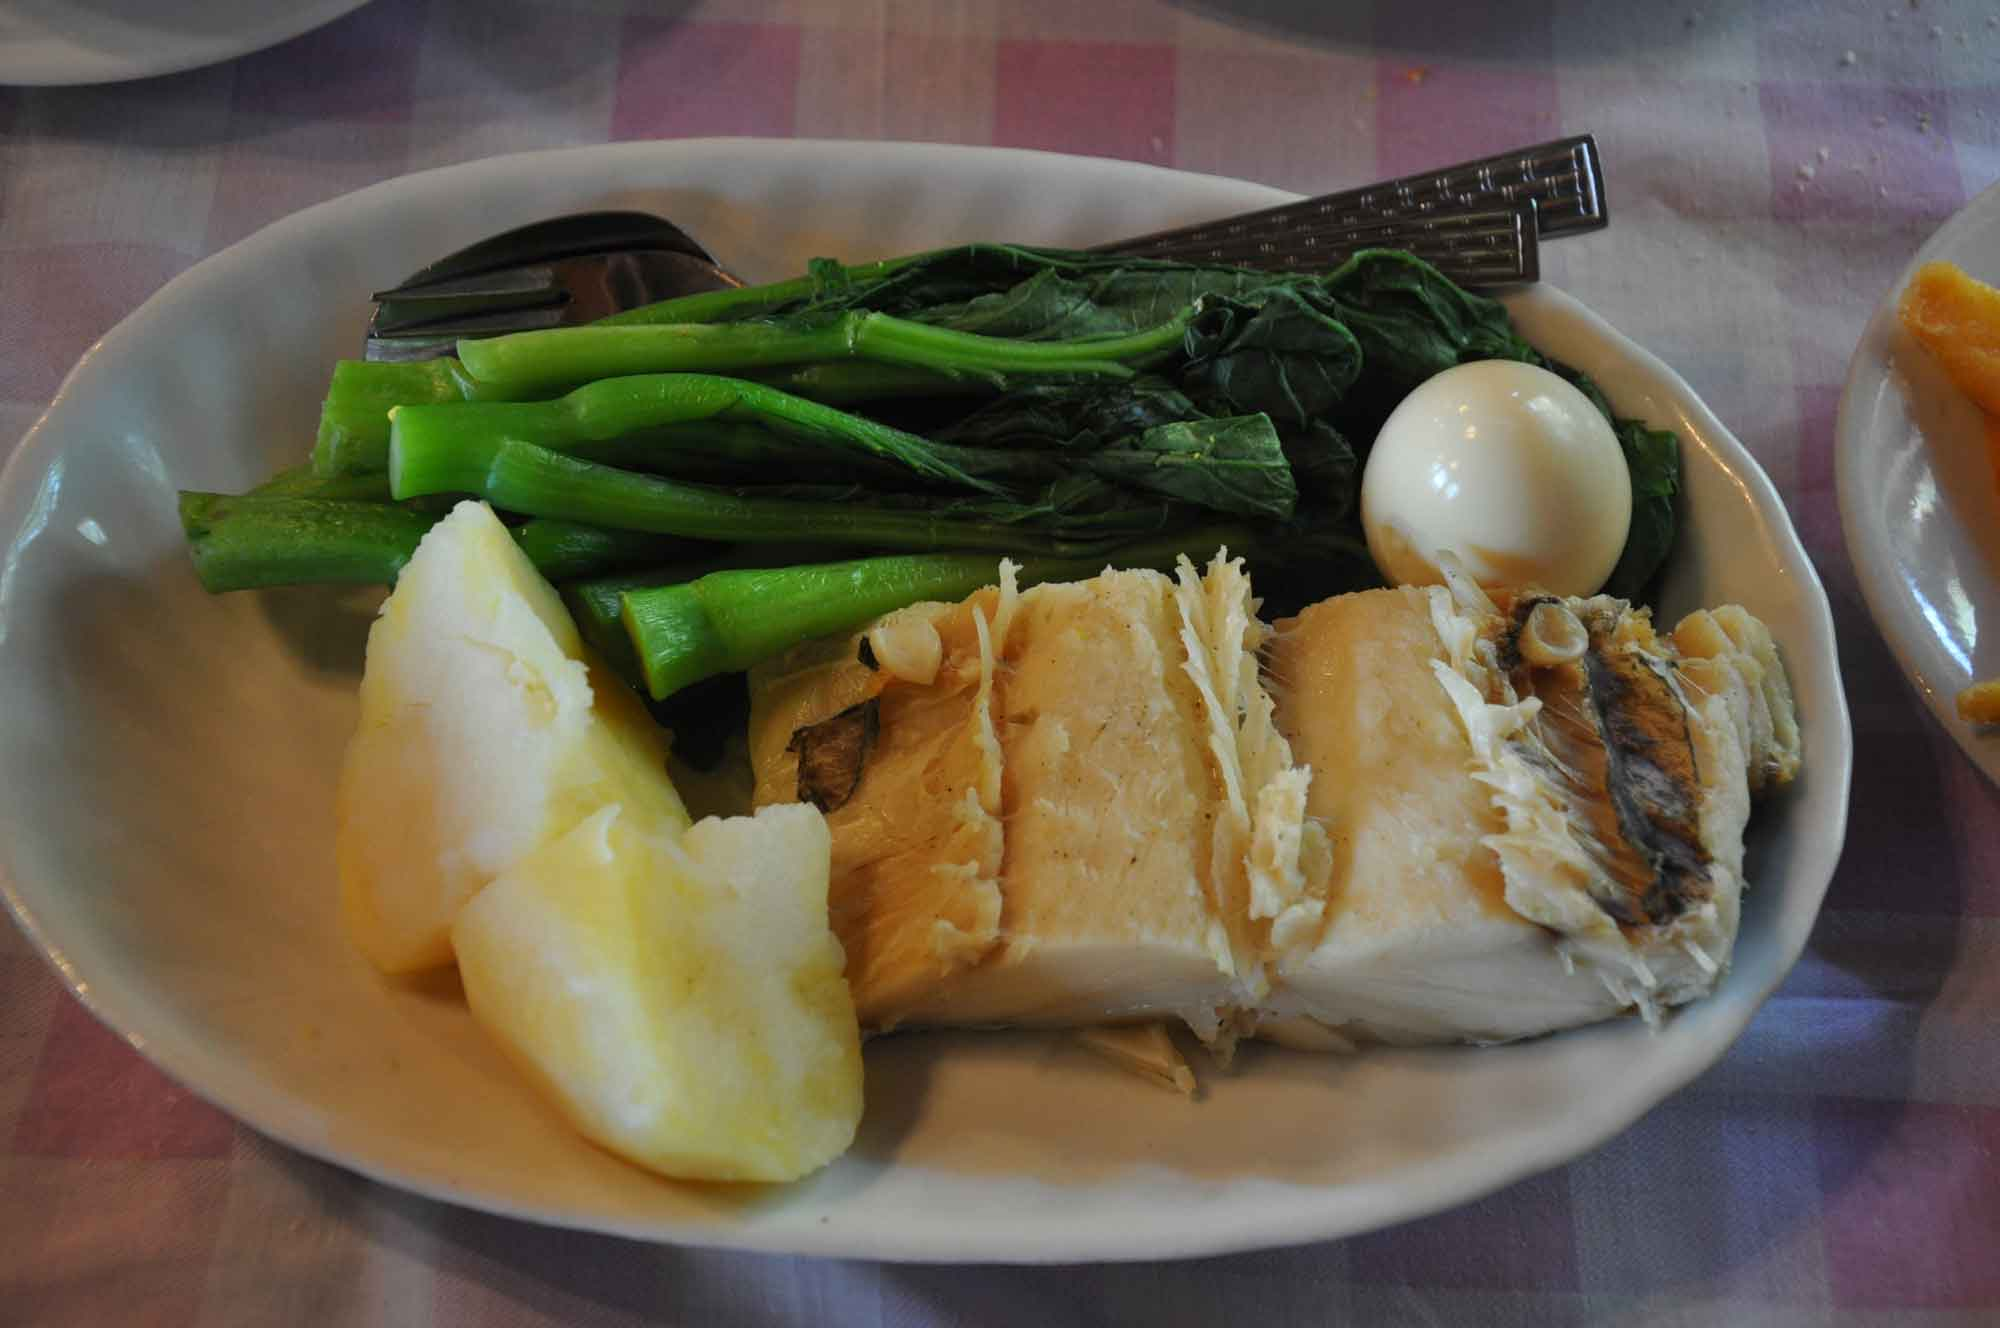 Fernando Macau cod fish